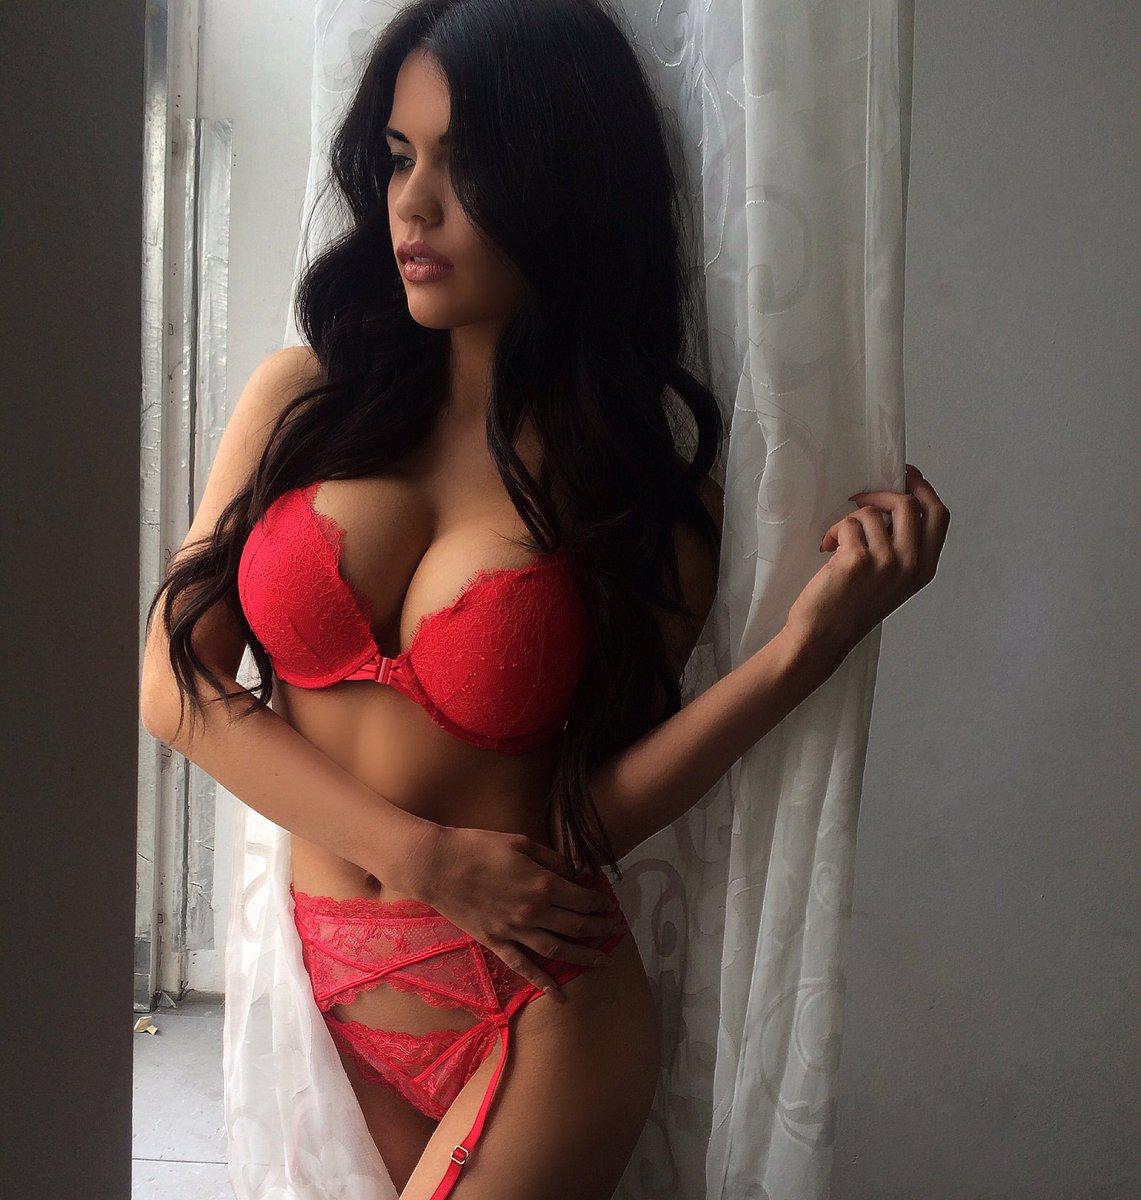 Nude homemade porn movies